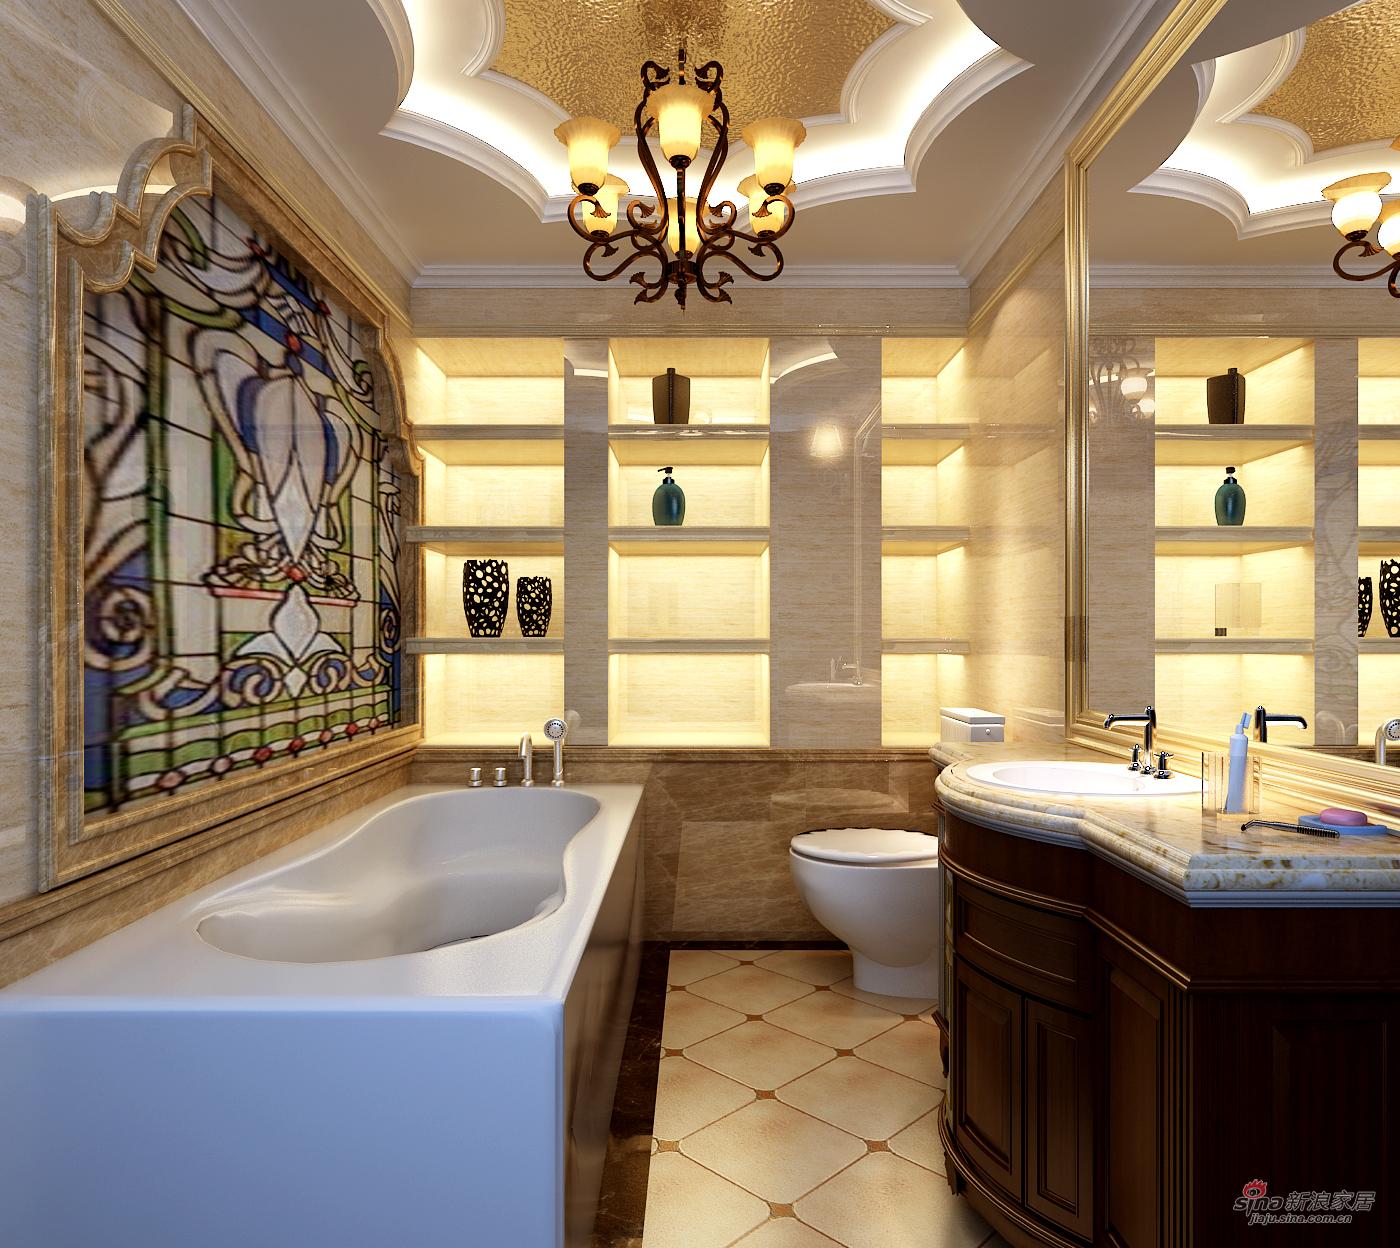 美式 三居 卫生间图片来自用户1907686233在北京华贸城29的分享